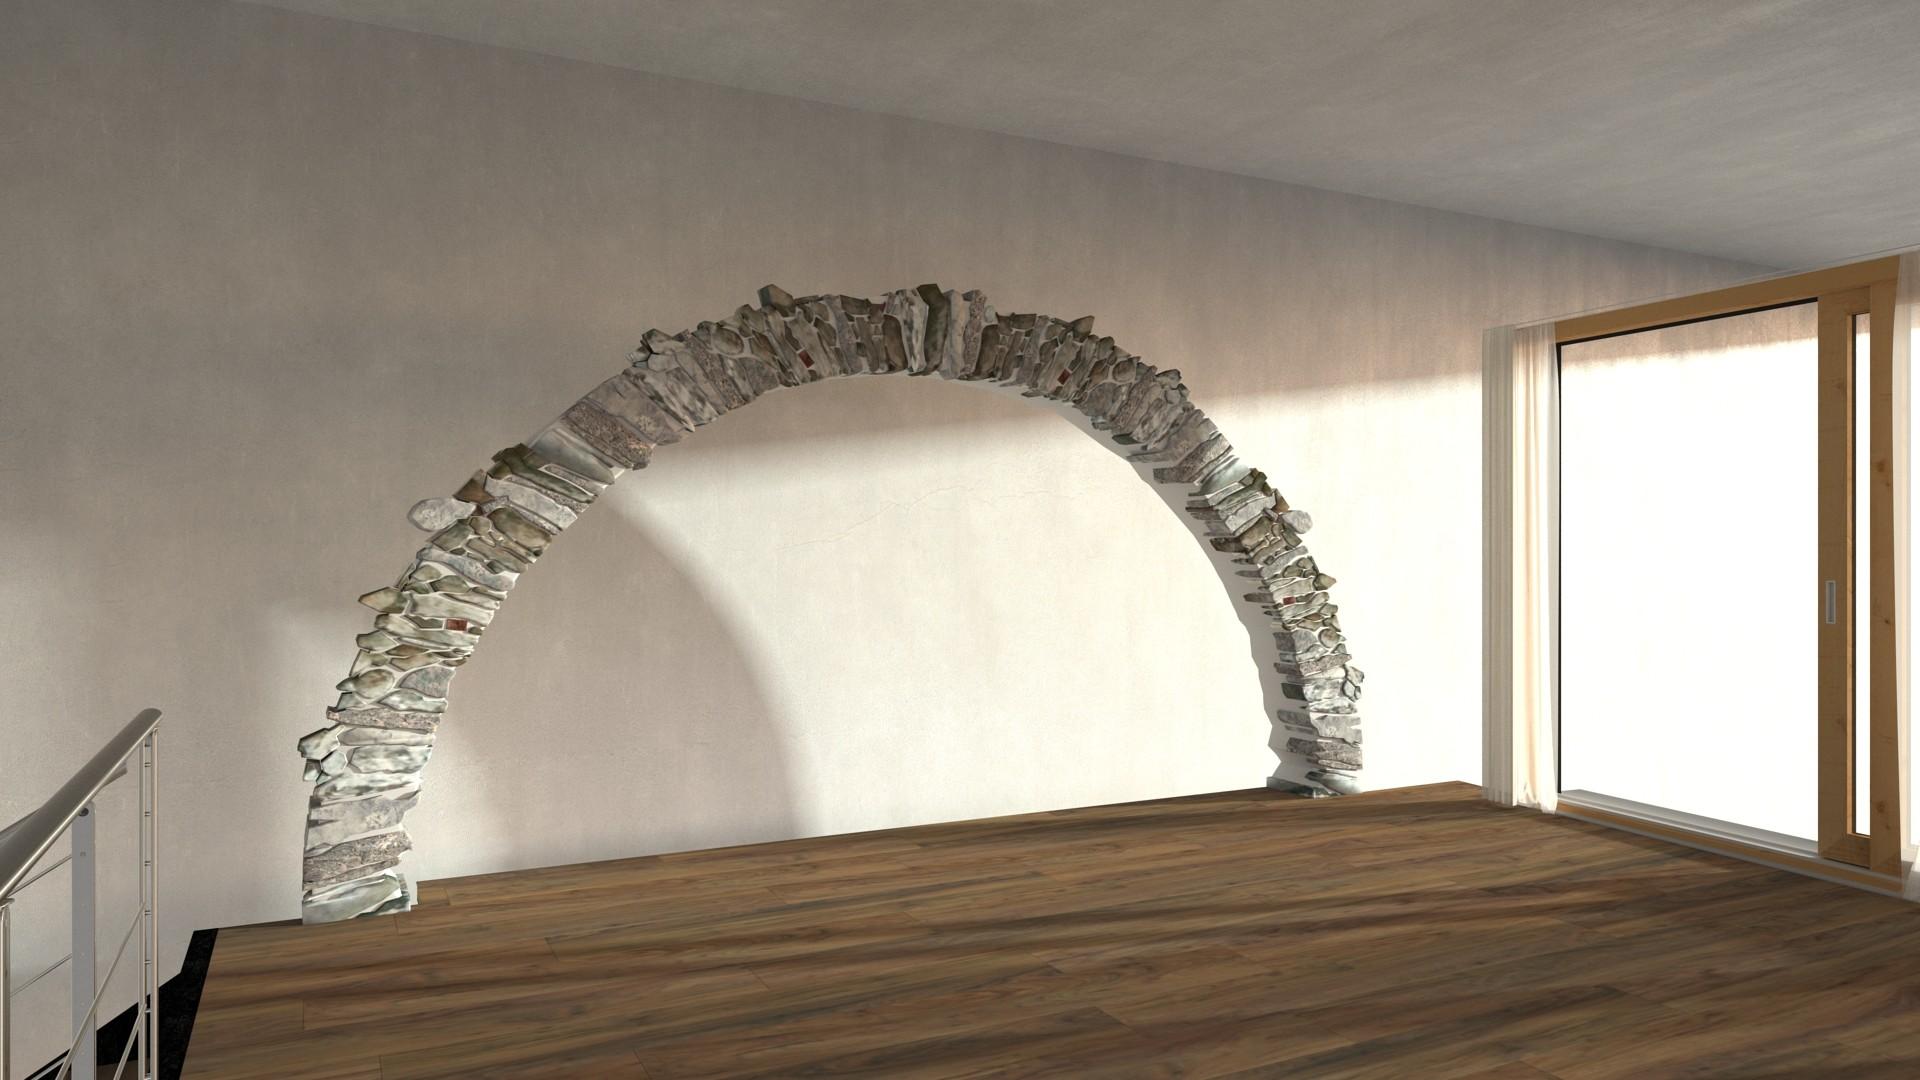 Duane kemp rivendell salon arch demo scene 128